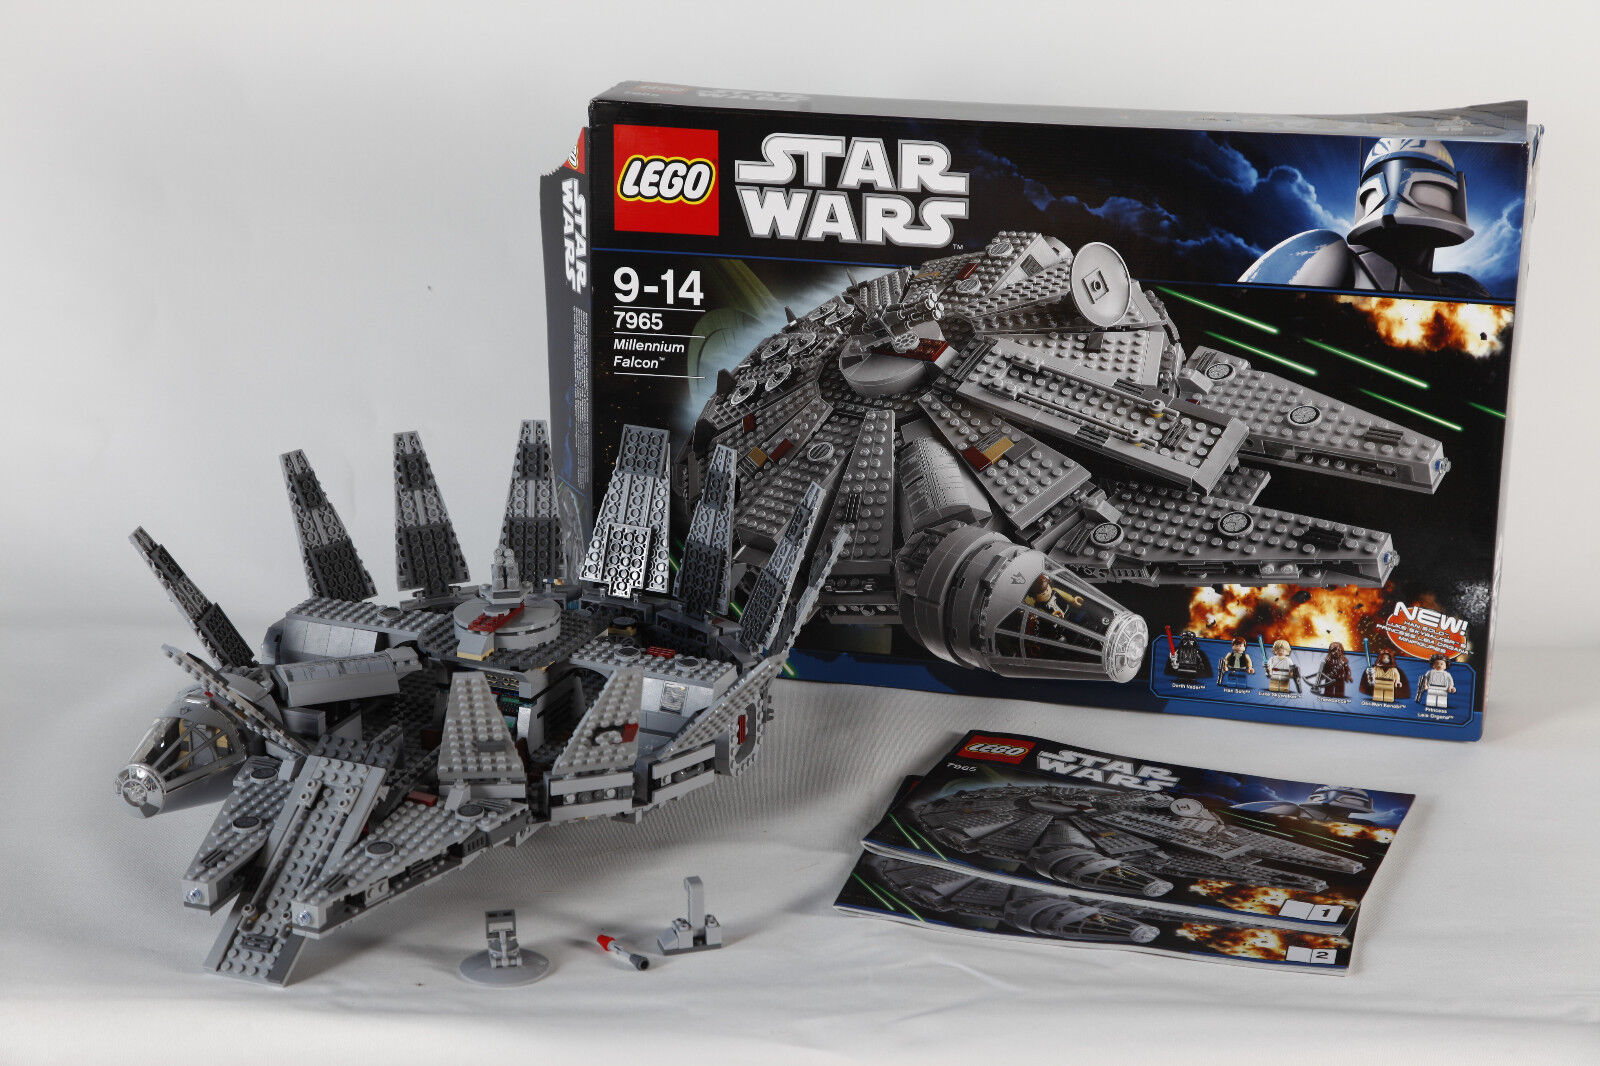 LEGO 7965 STAR STAR STAR WARS MILENIUM FALCON assemblés avec neuf dans sa boîte et manuel 3637 3c0d33